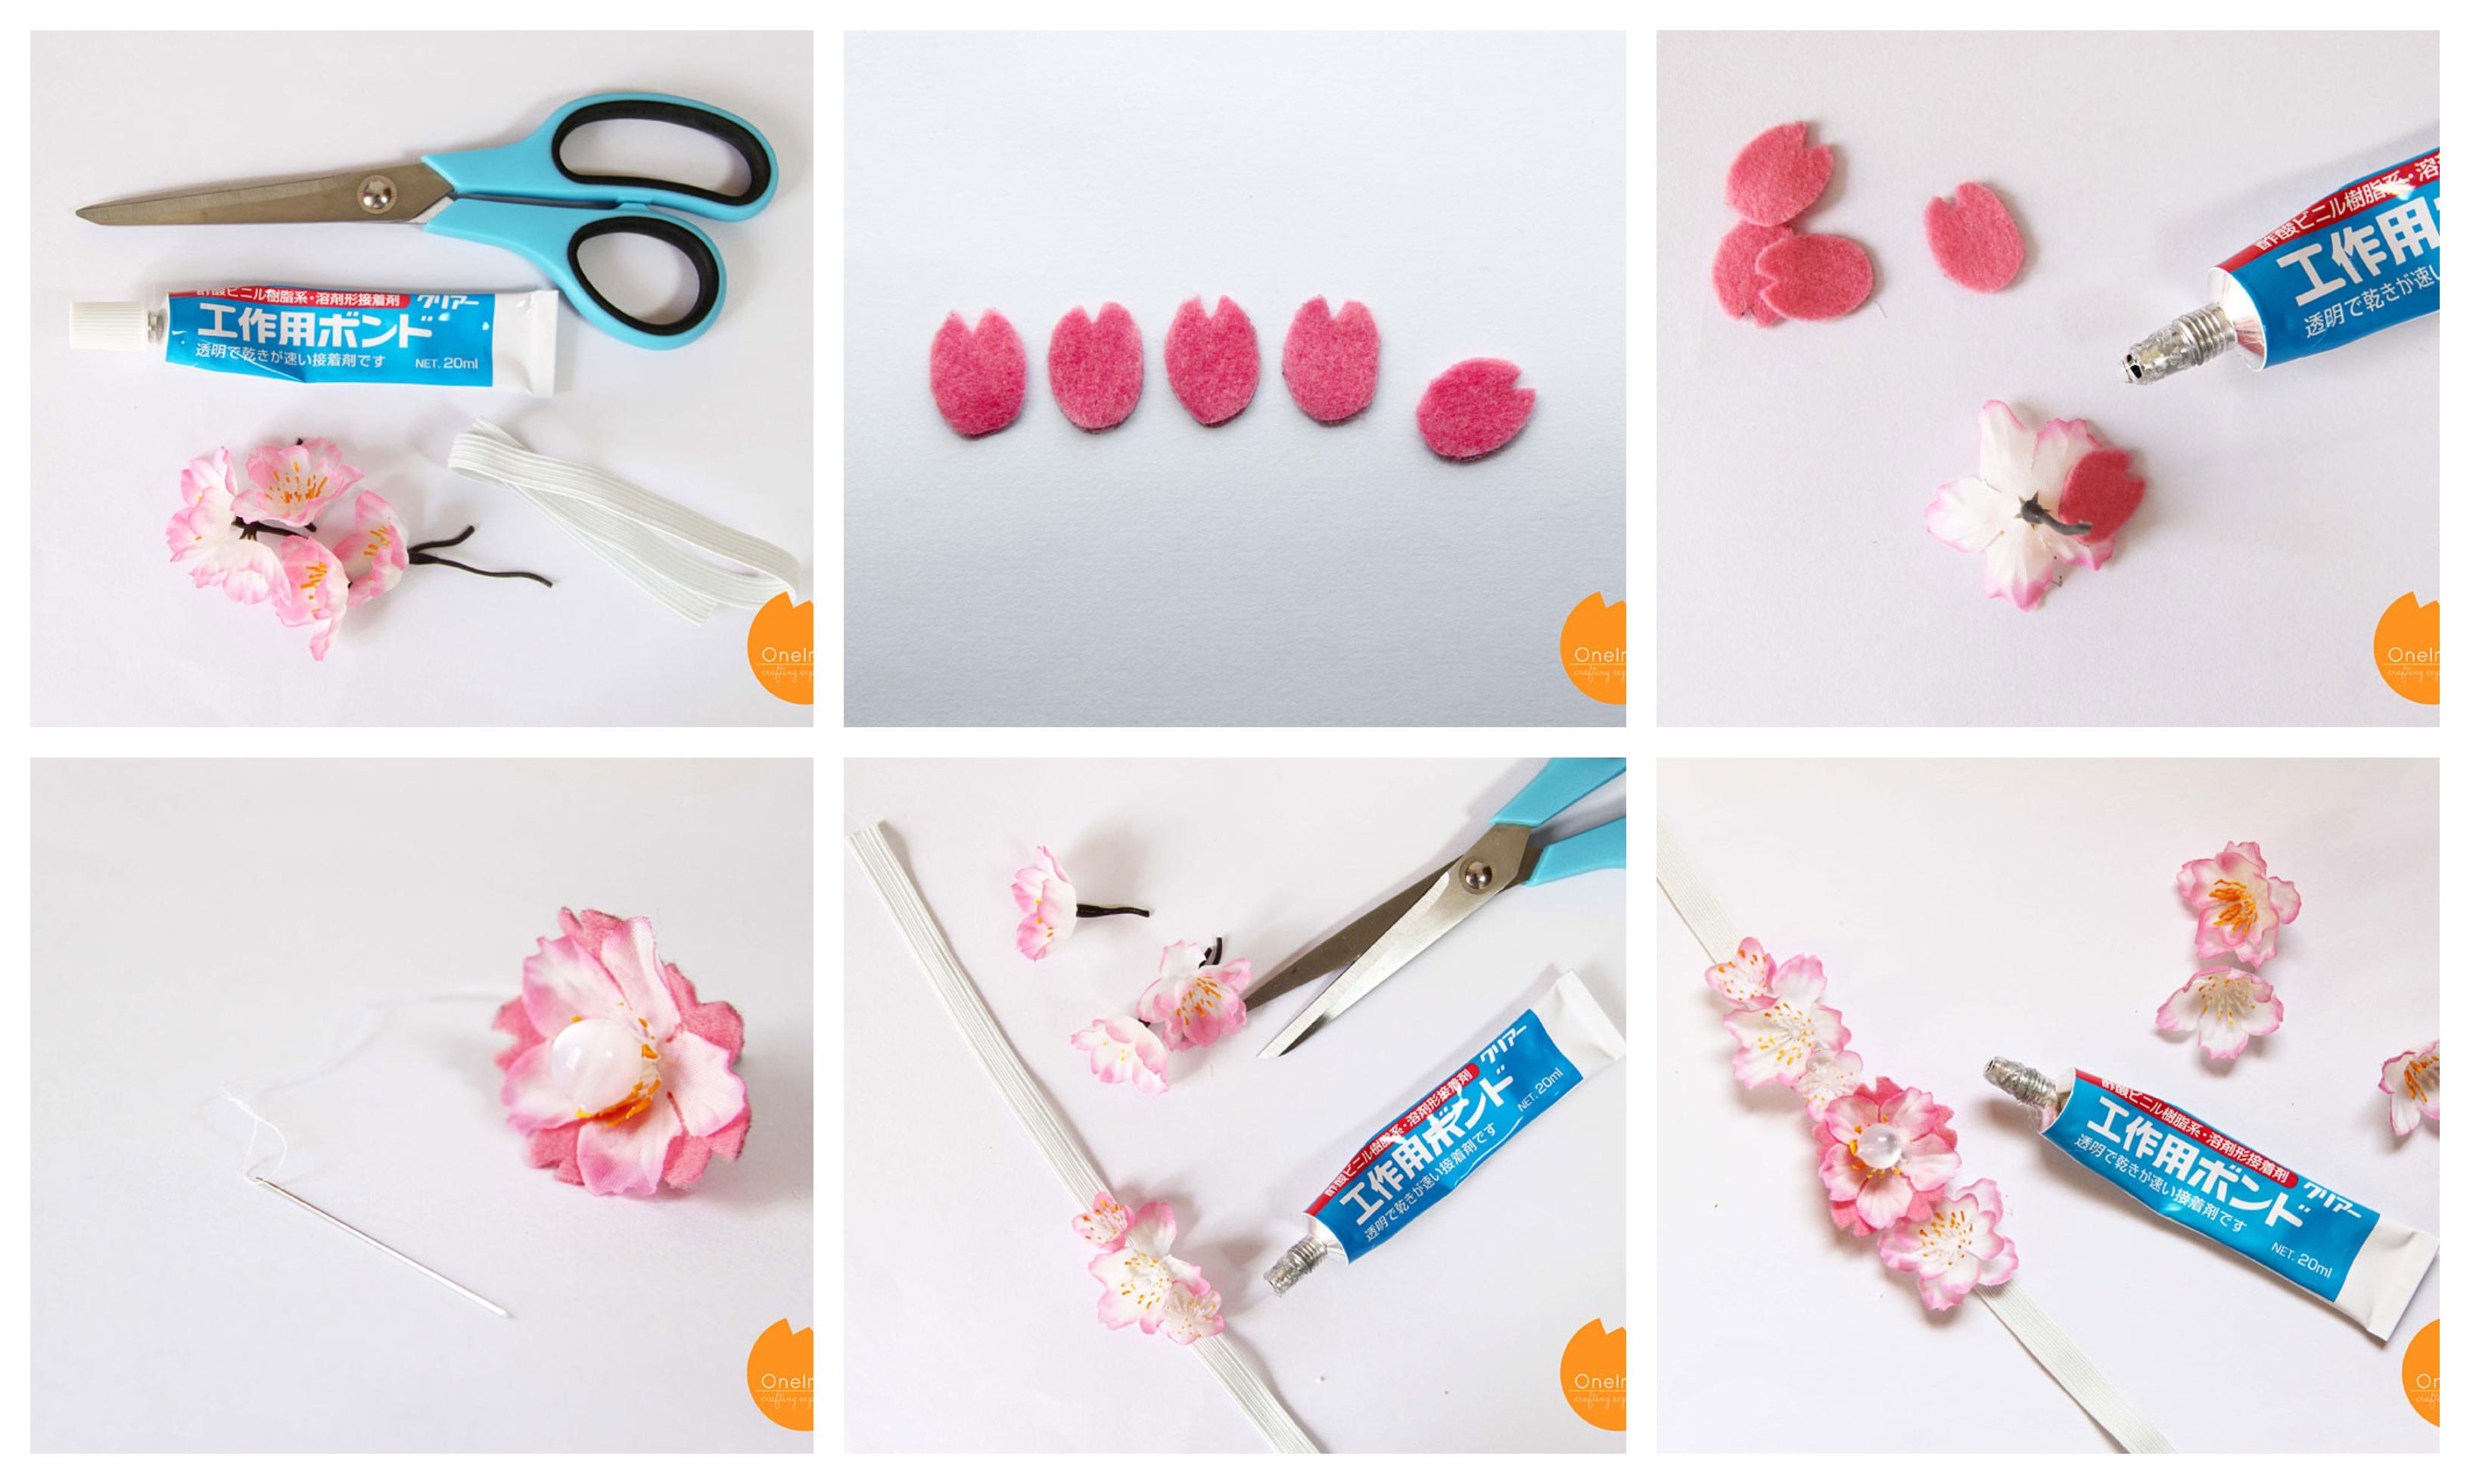 pasos para hacer un marcarpáginas personalizado decorado de flores artificiales, como hacer marcarpaginas ideas